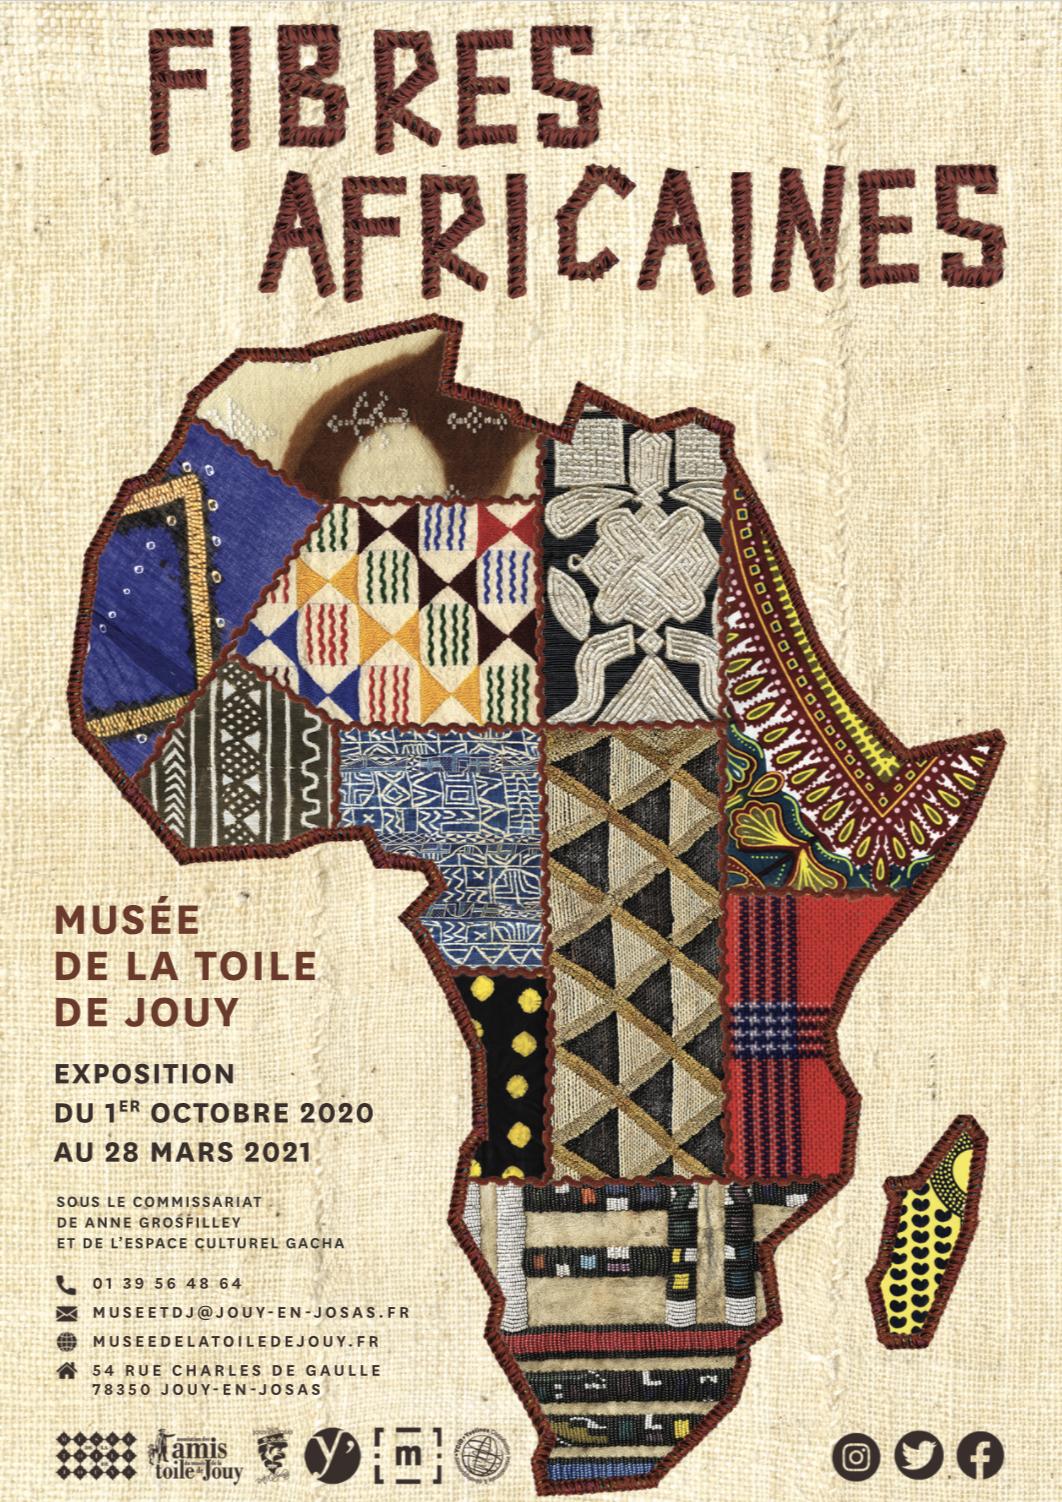 FIBRES AFRICAINES au musée de la Toile de Jouy – une exposition co-curatée par l'Espace Culturel Gacha